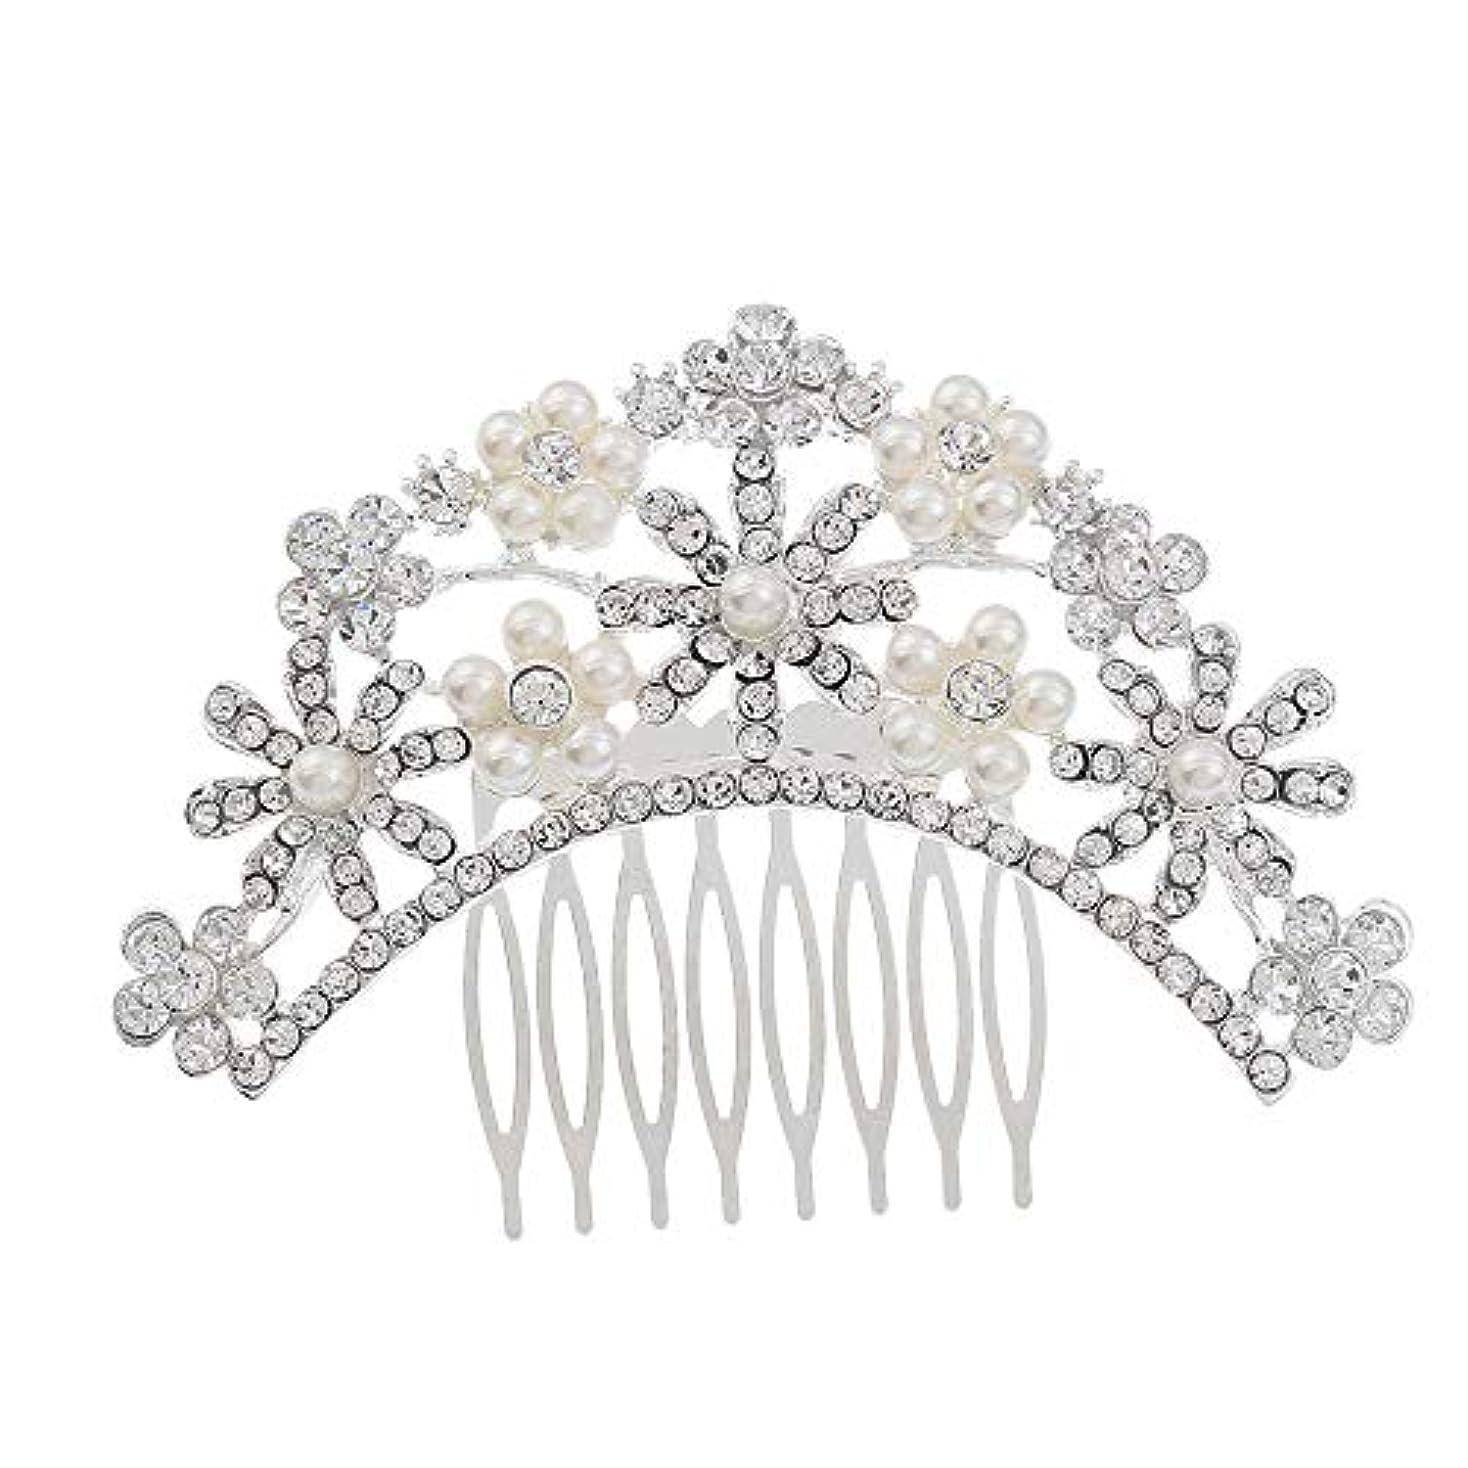 メリーレベル織機ヘアコームコーム櫛花嫁の髪櫛クラウンヘッドバンド結婚式の帽子真珠の髪の櫛ラインストーンインサート櫛